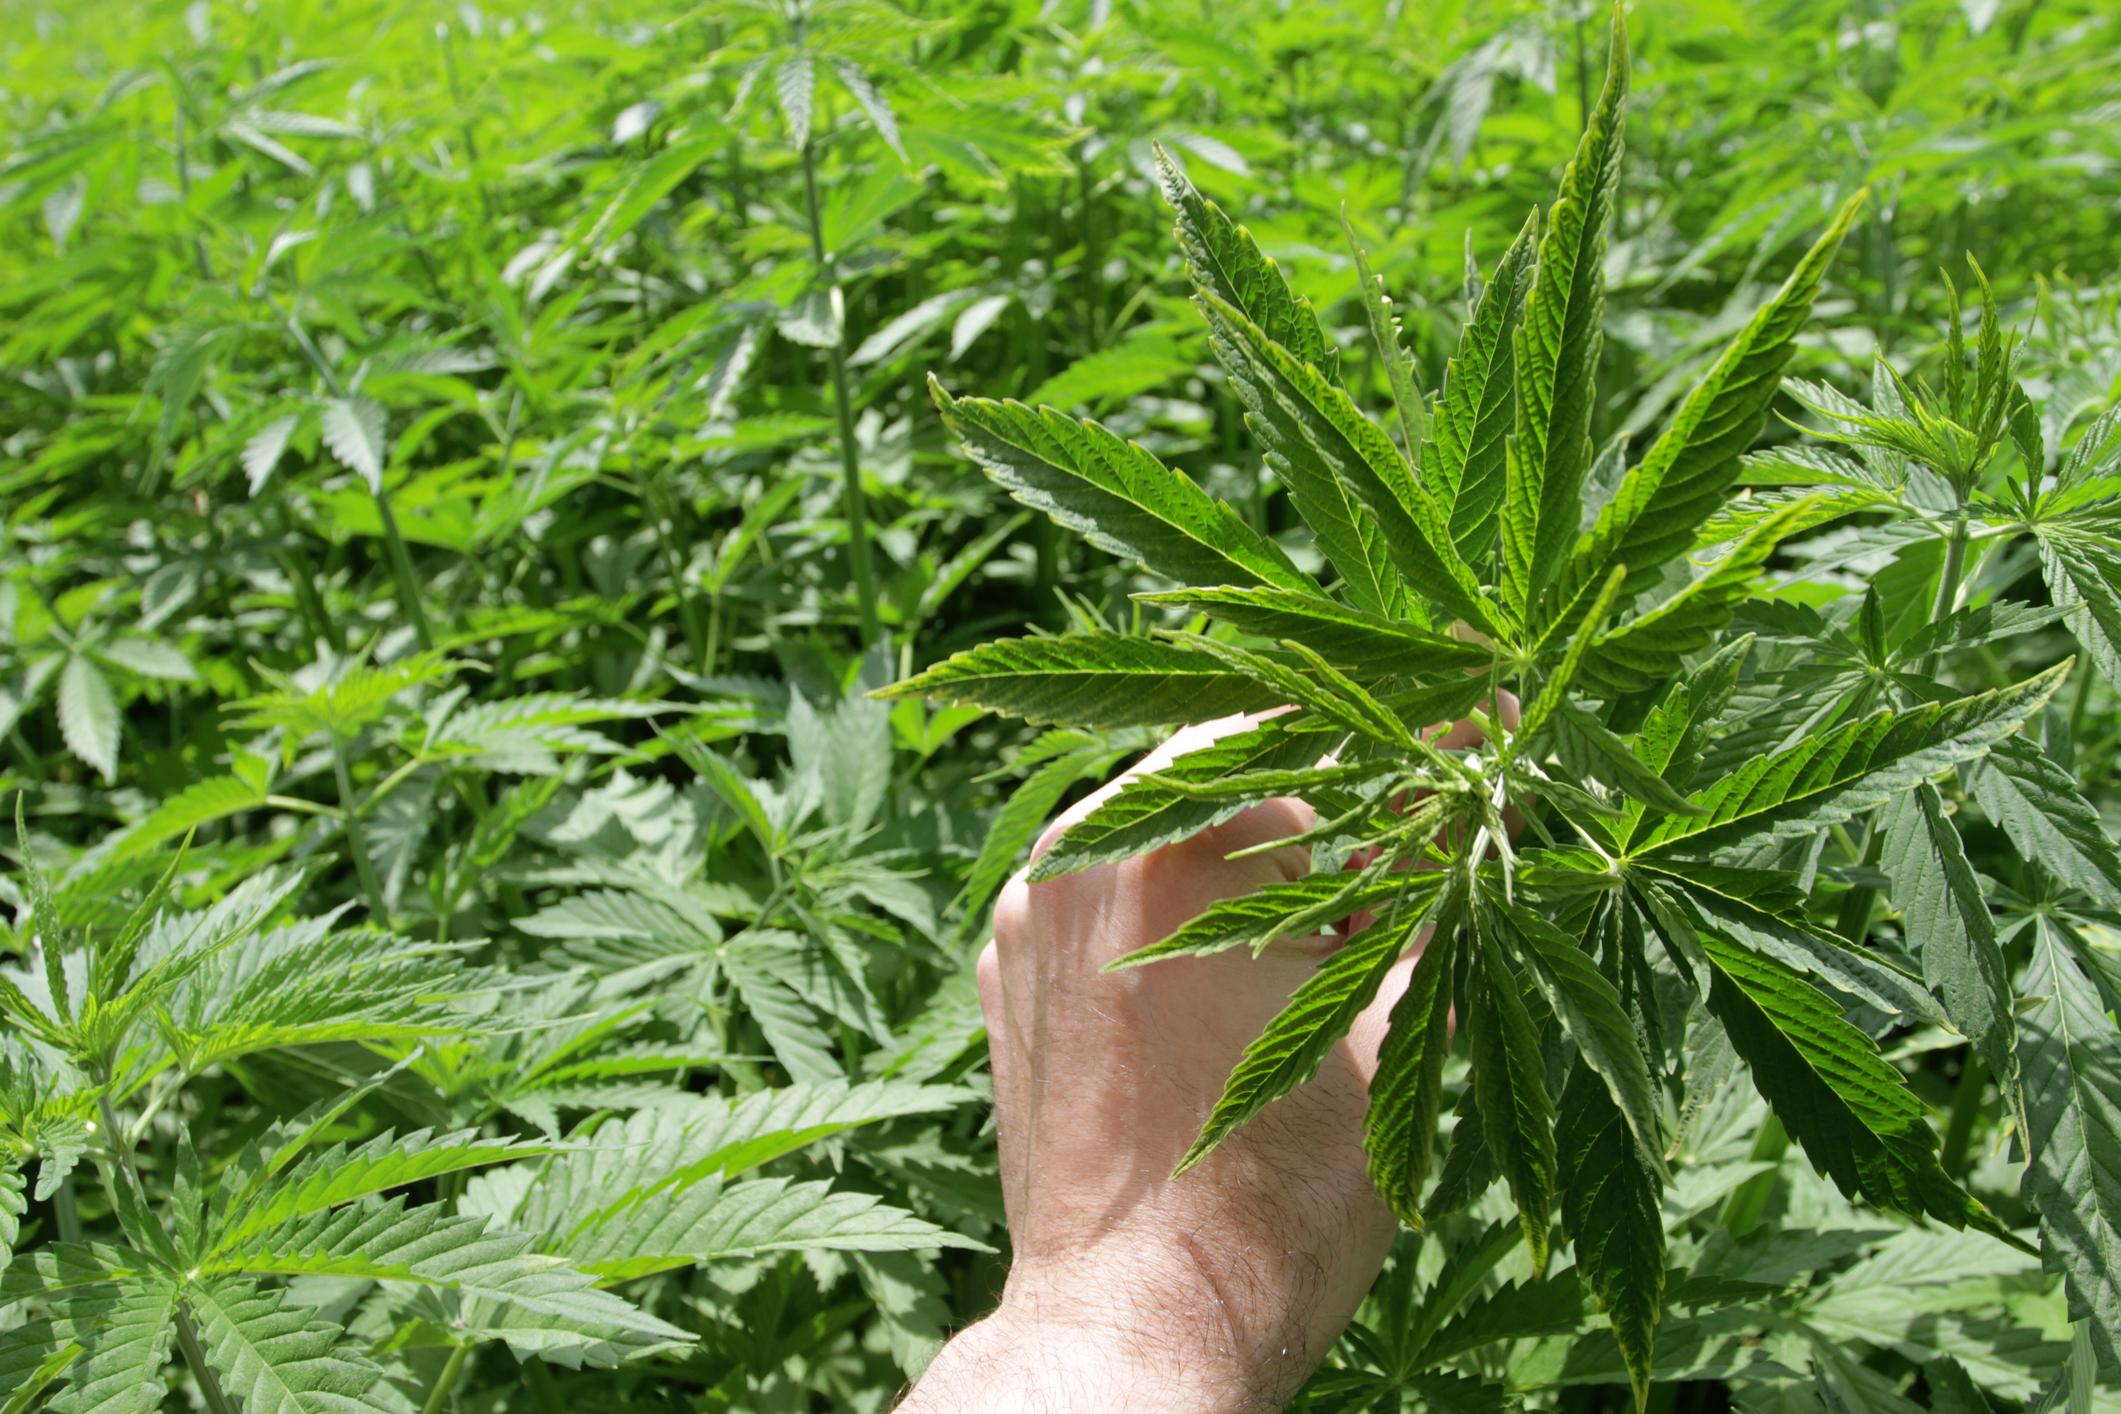 A person holding a cannabis leaf amid a commercial grow farm.